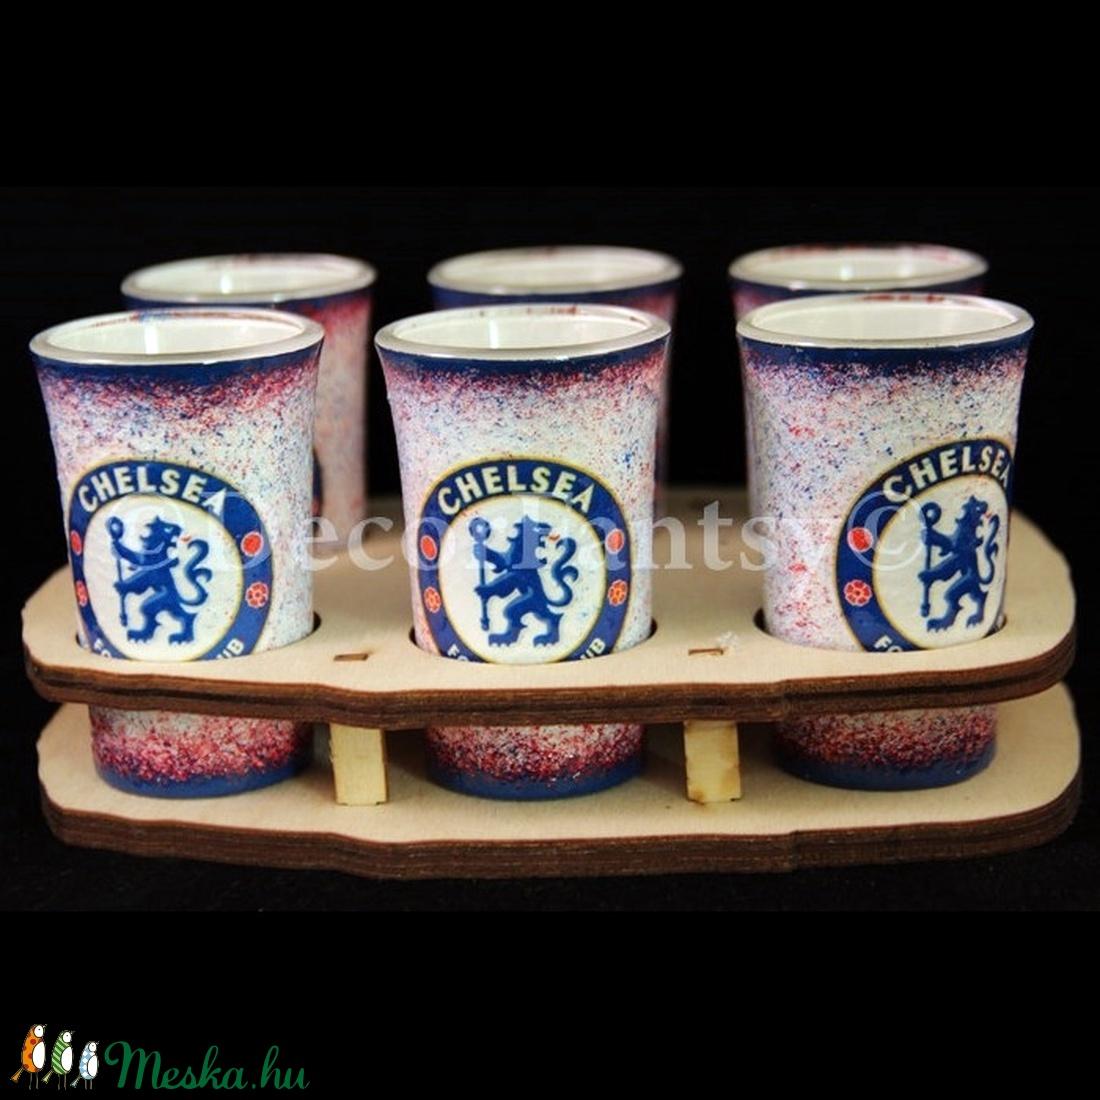 Chelsea FC emblémával díszített pohár szett  (decorfantasy) - Meska.hu